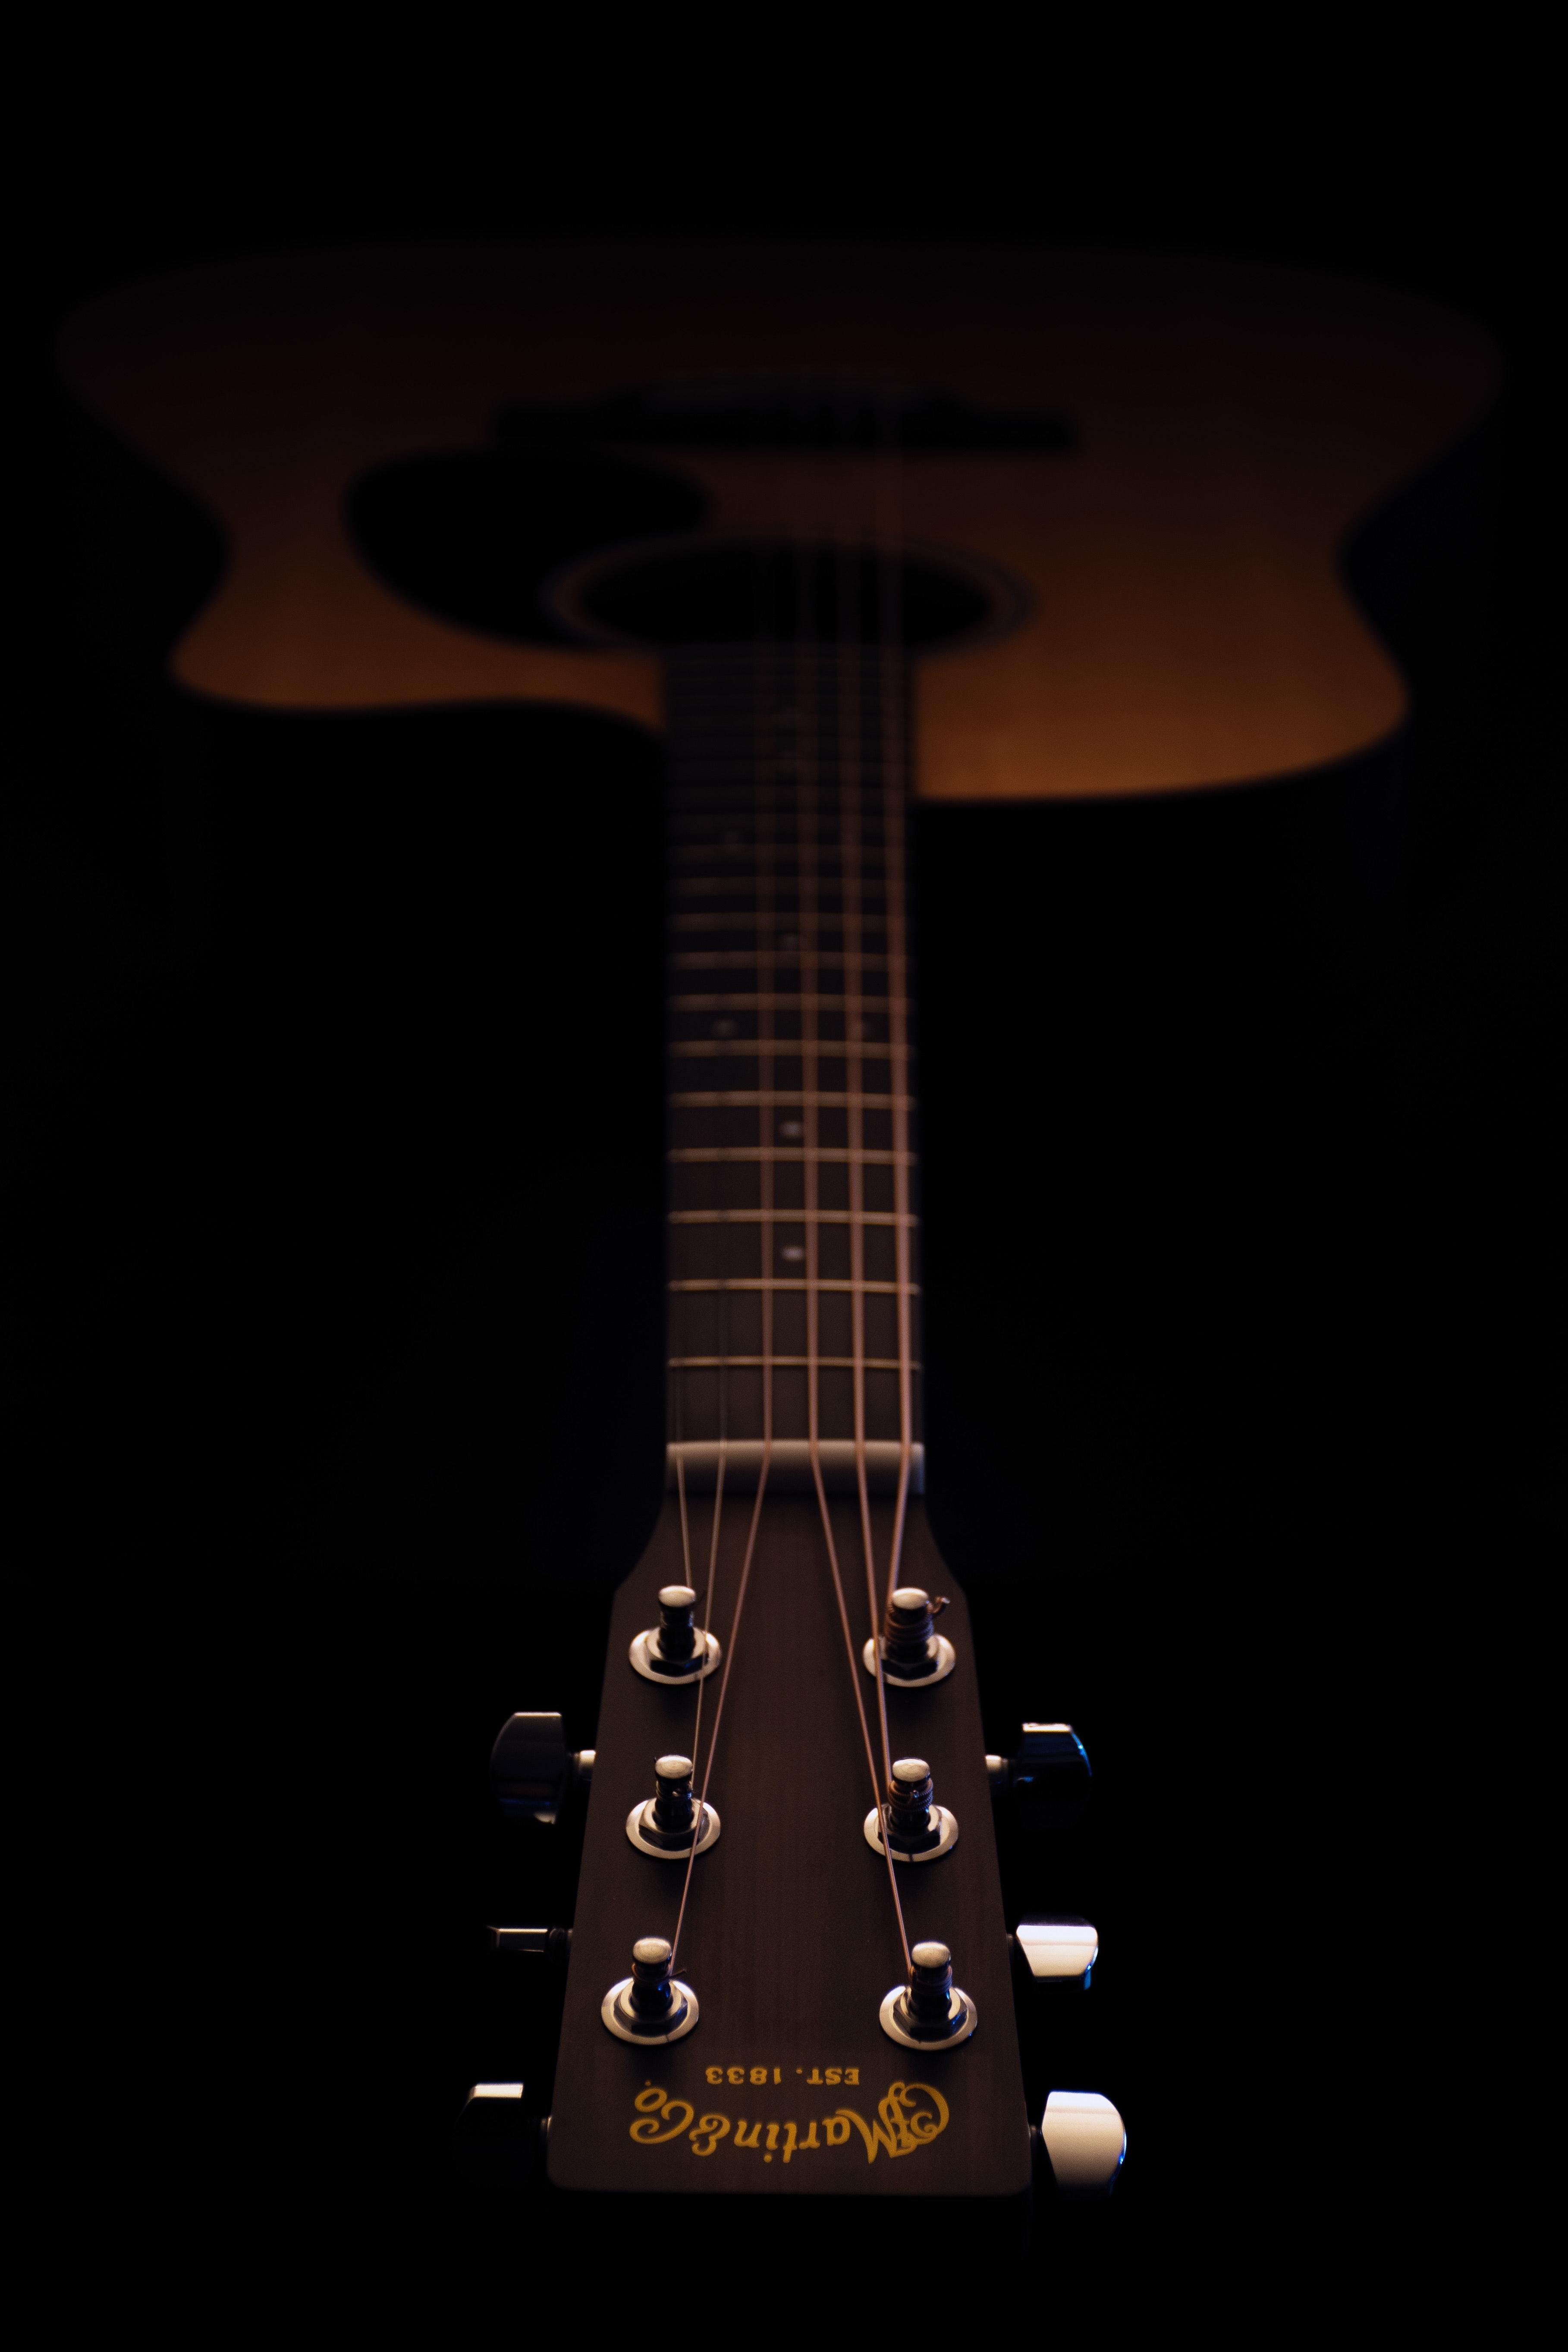 250 Beautiful Guitar Photos 183 Pexels 183 Free Stock Photos